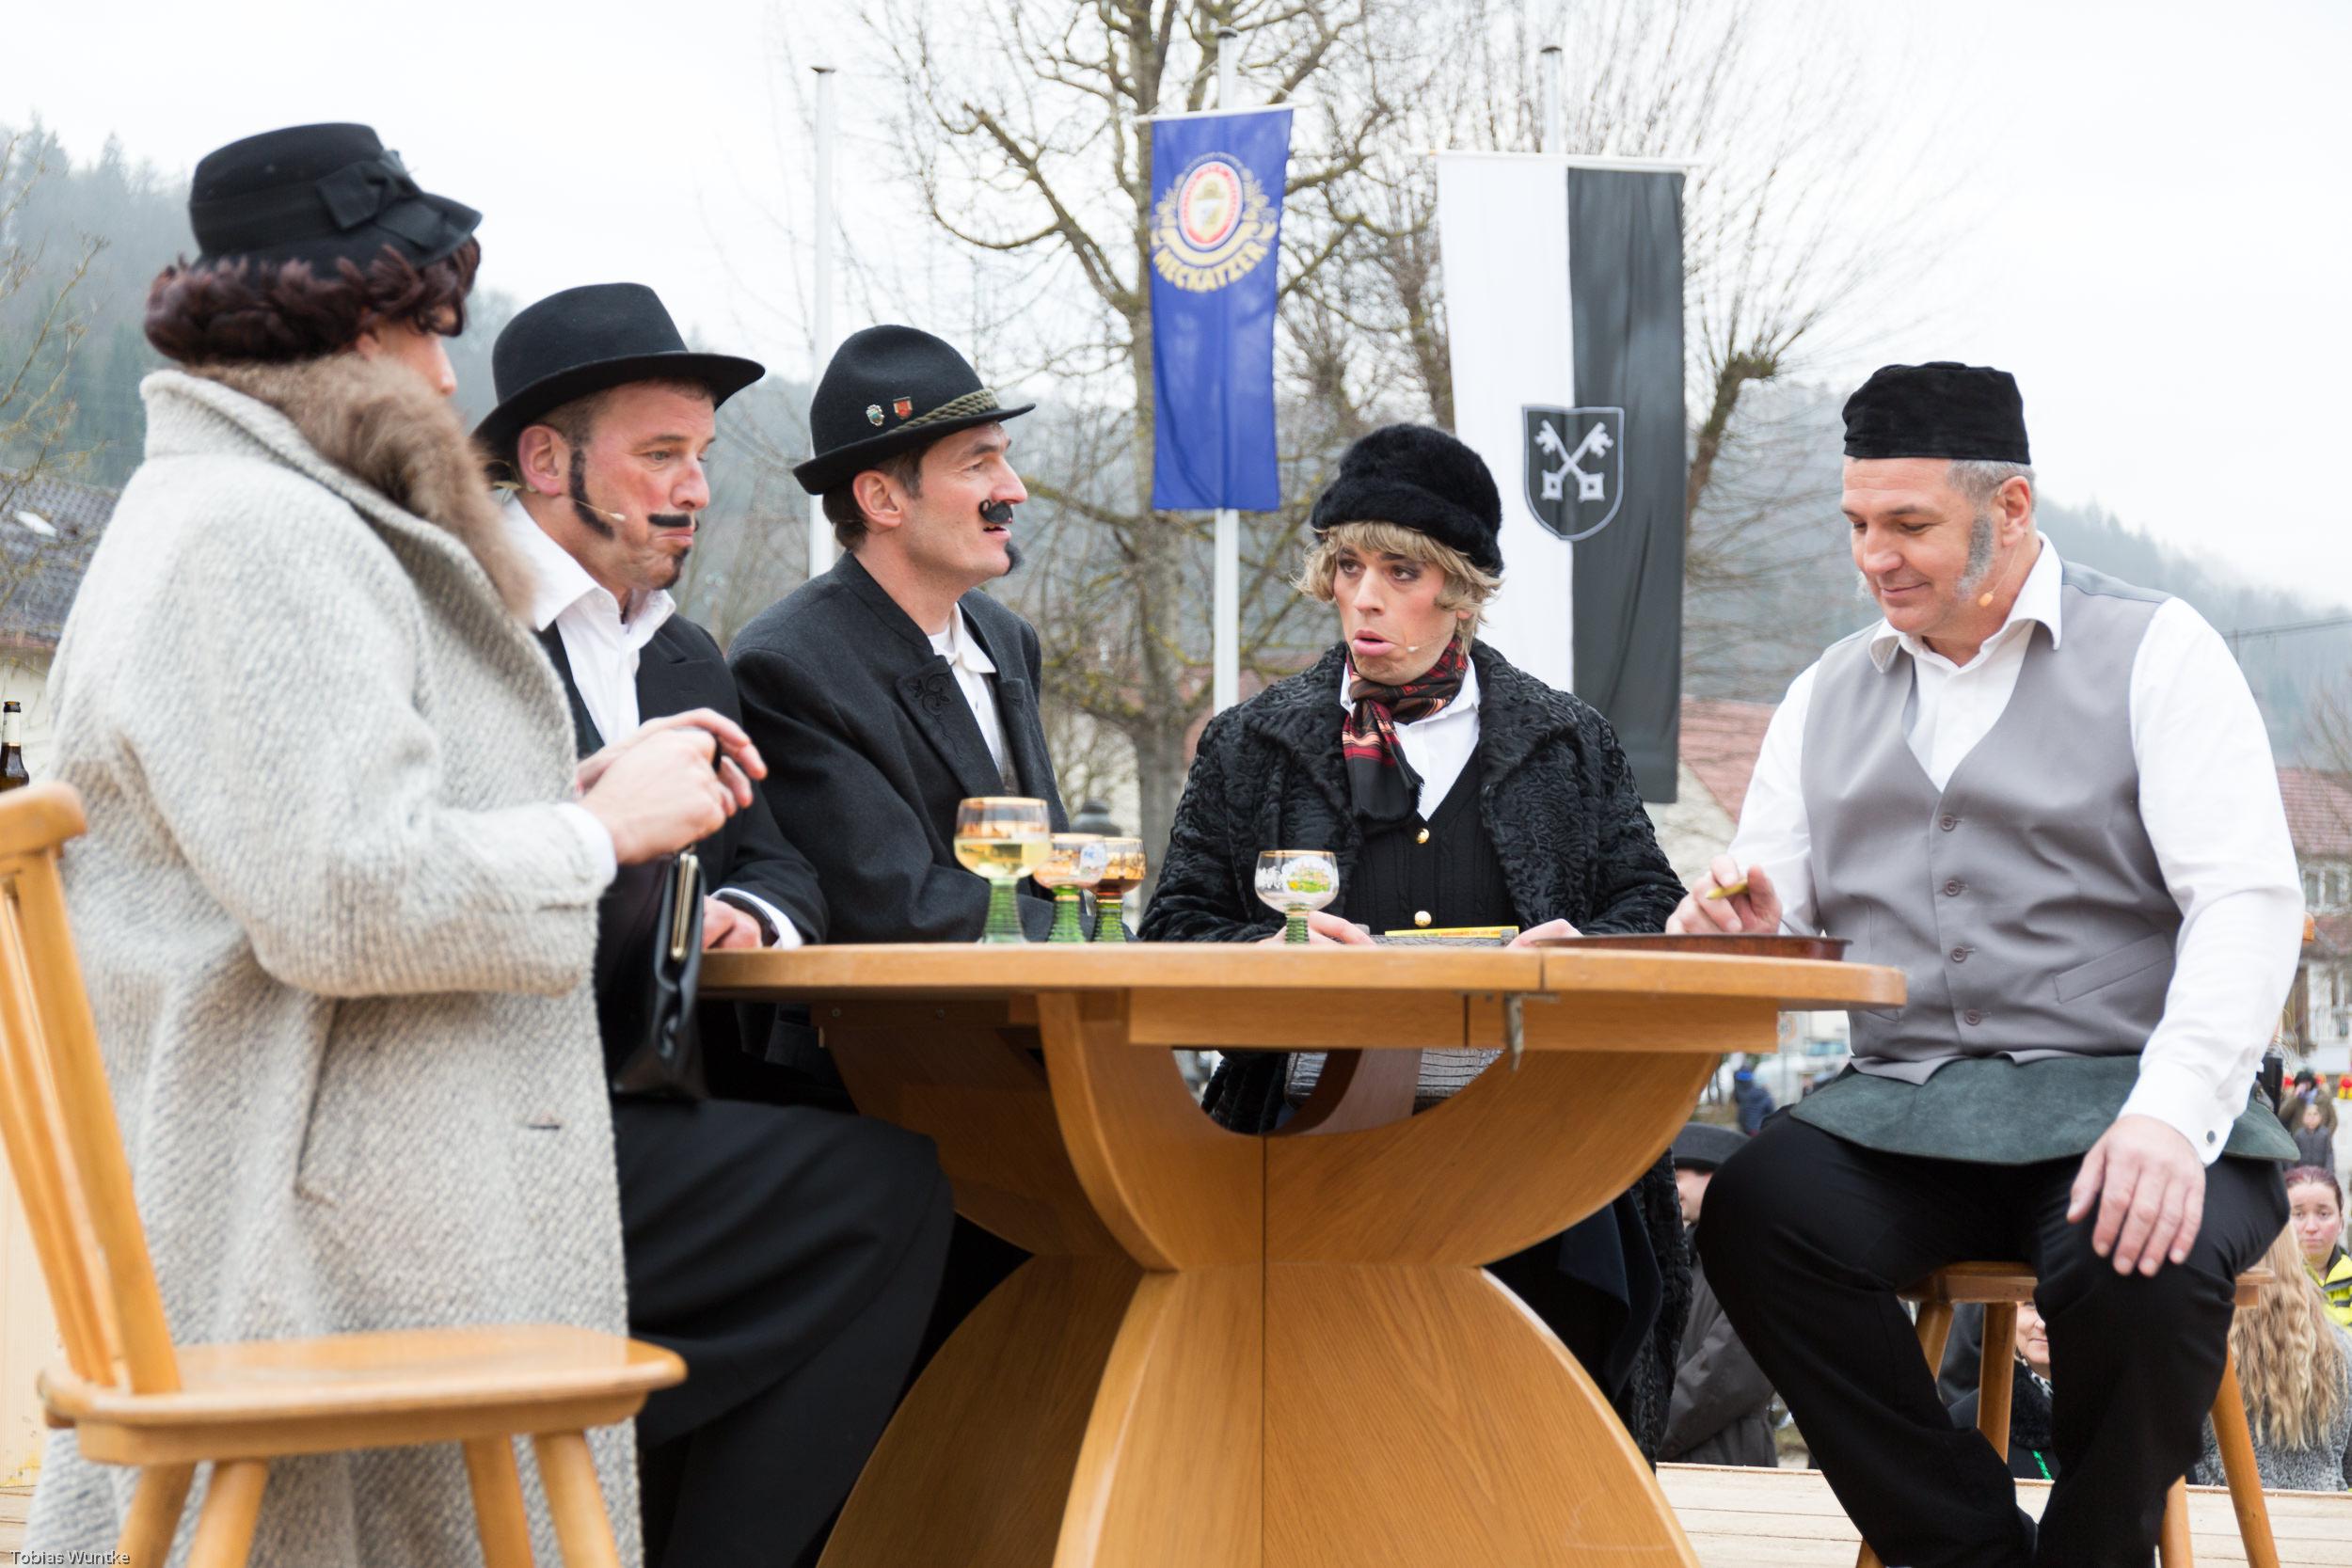 Szene in einem Restaurant während dem Fasnetsspiel mit 5 Personen.